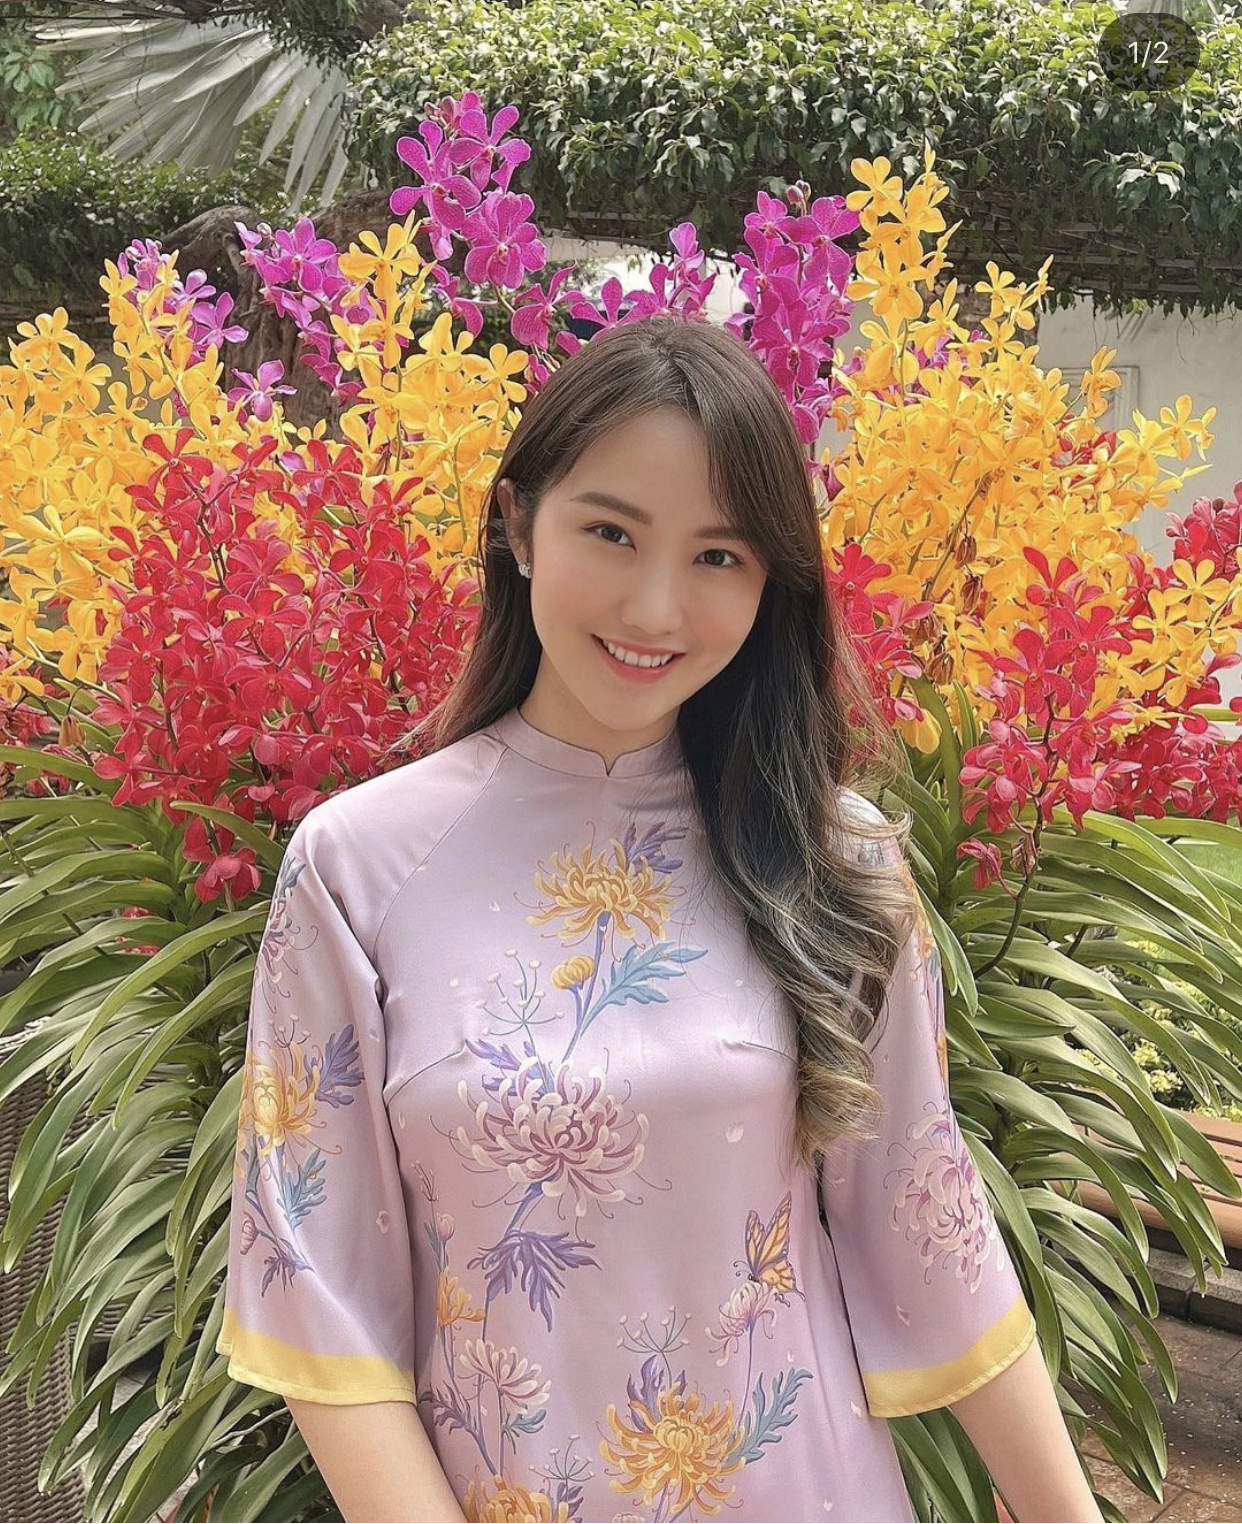 Primmy Trương khoe khoảnh khắc rạng rỡ sáng mùng 1 Tết, diện áo dài xinh đẹp đón năm mới đầu tiên ở nhà Phan Thành - Ảnh 1.